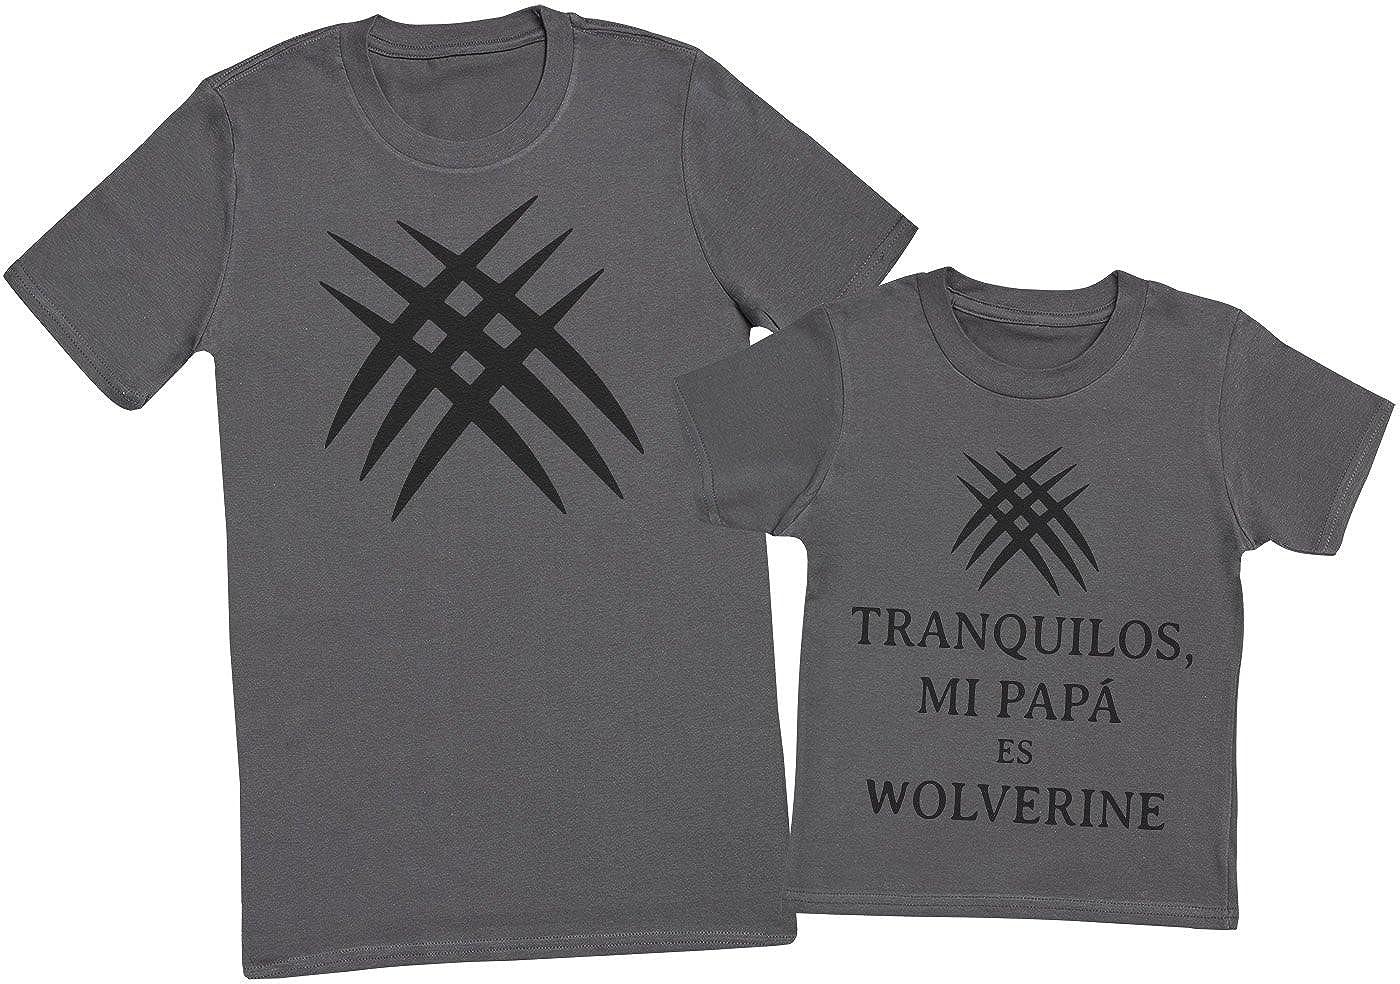 Zarlivia Clothing Tranquilos Mi Papá ES Wolverine - Regalo para Padres e Hijos - Camiseta de Niño y Camiseta de Hombre: Amazon.es: Ropa y accesorios